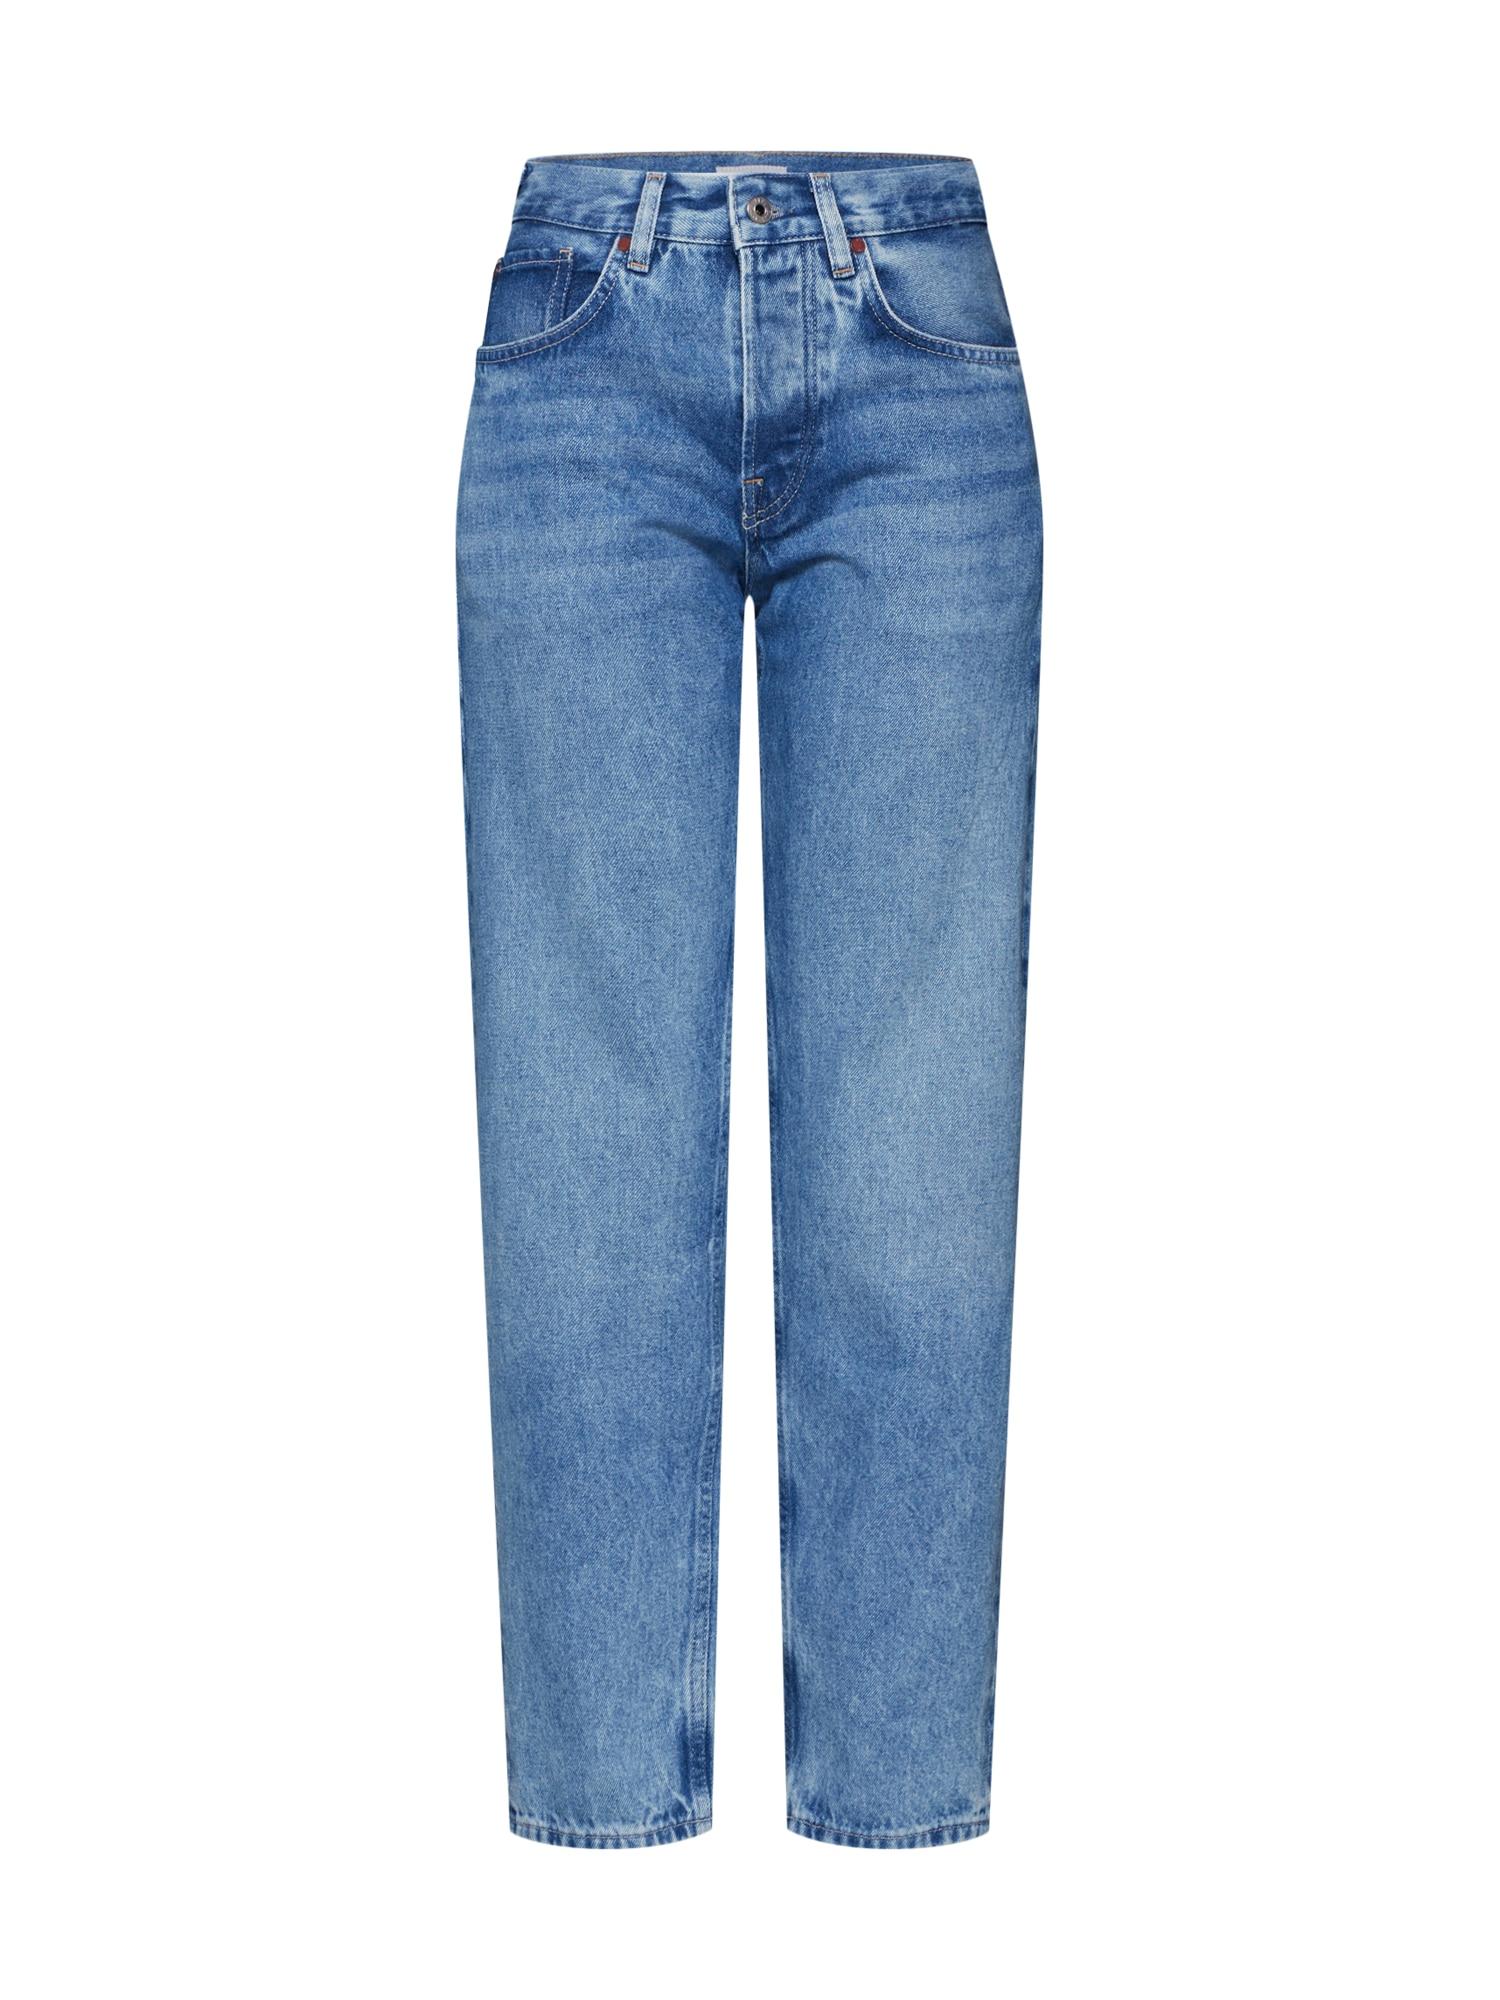 Džíny BELIFE JEANS modrá džínovina Pepe Jeans